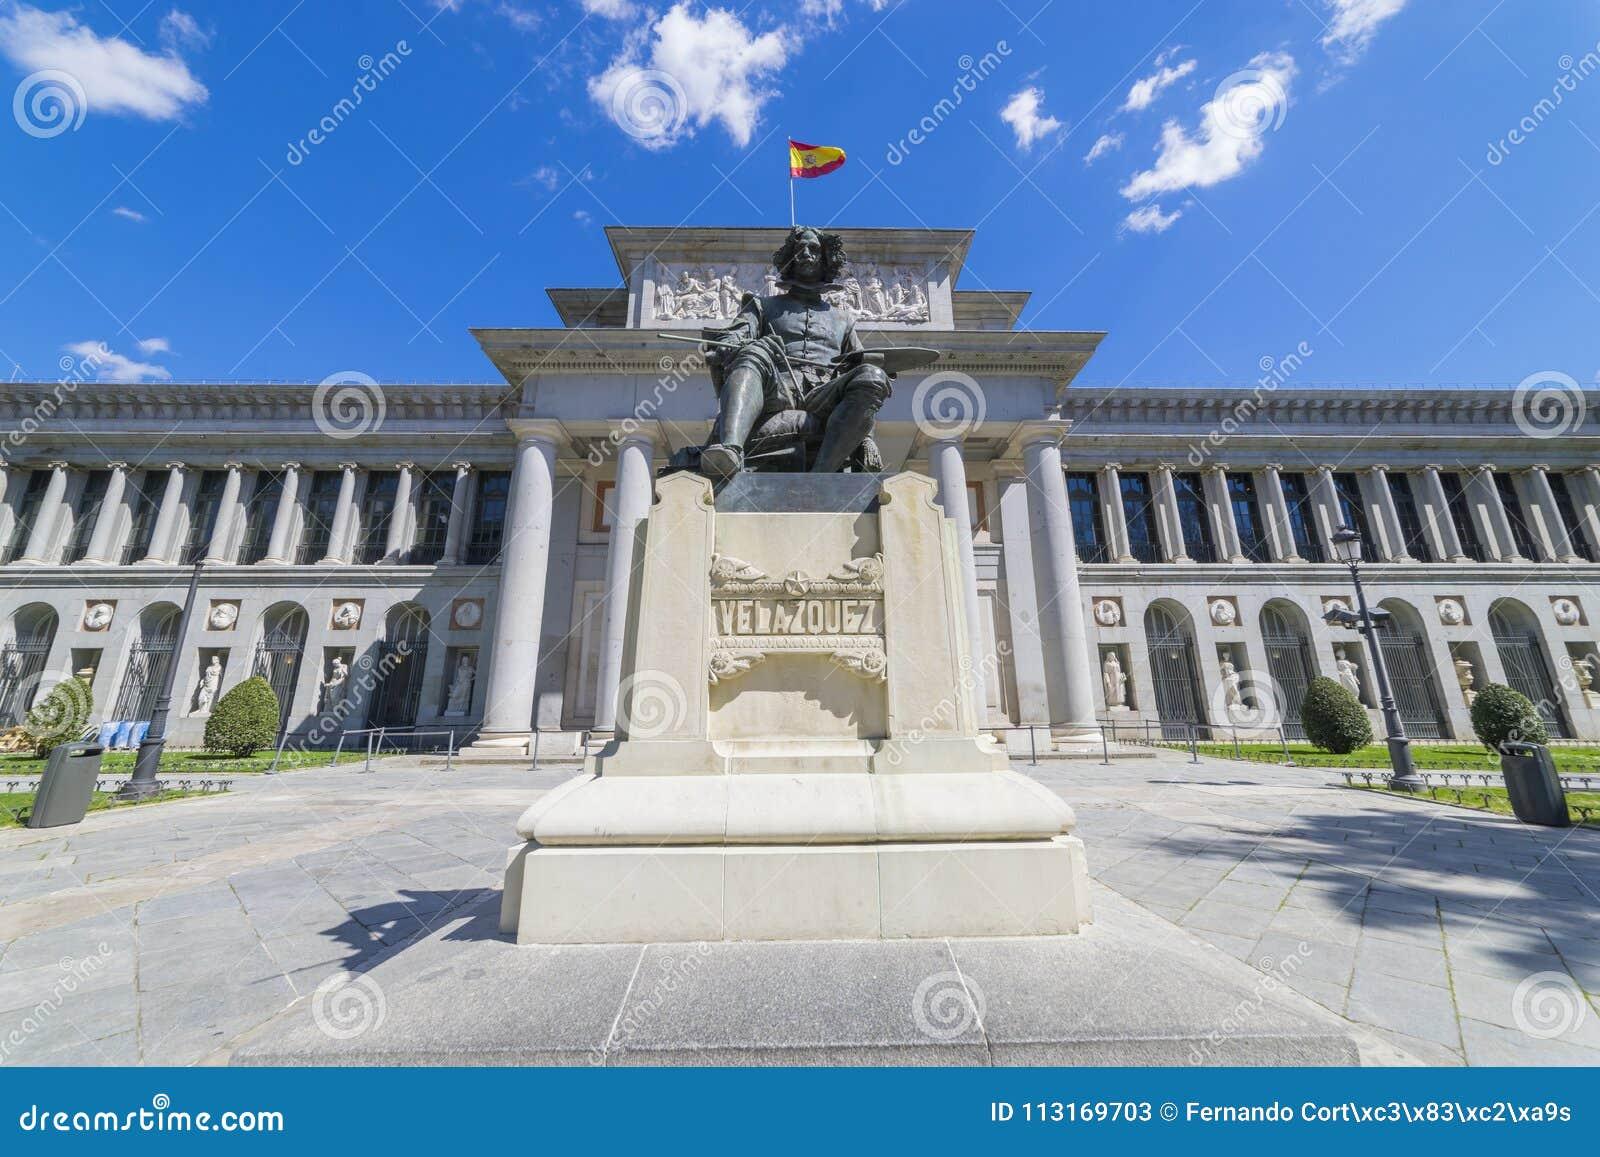 普拉多博物馆的主要门面,老美术画廊在西班牙, Madri